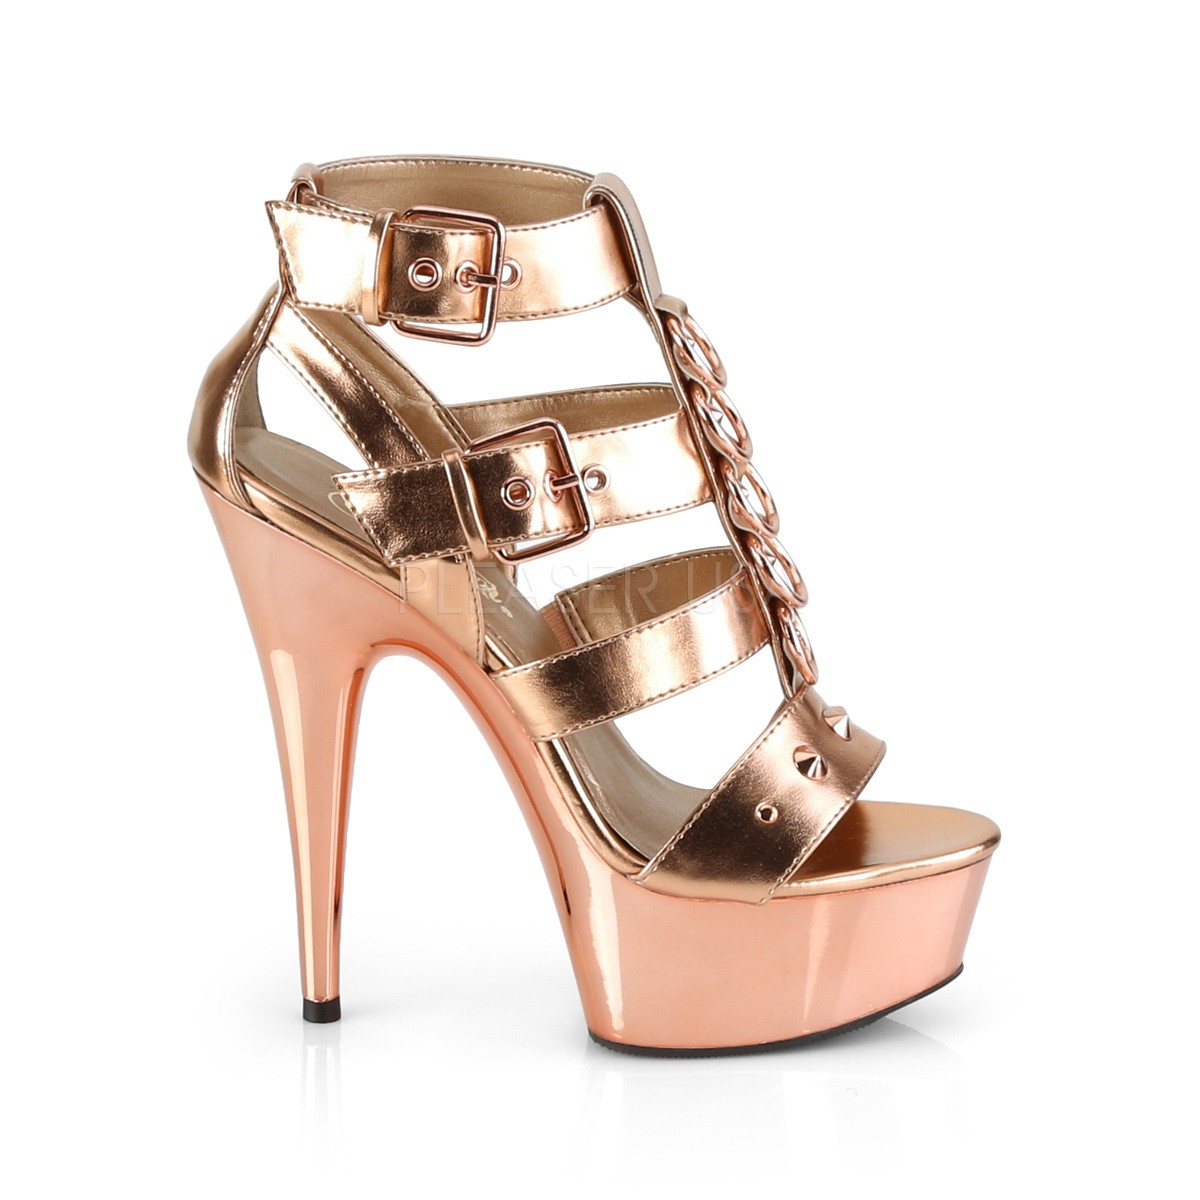 DELIGHT-658 scarpe pleaser con plateau e tacco alto dorato